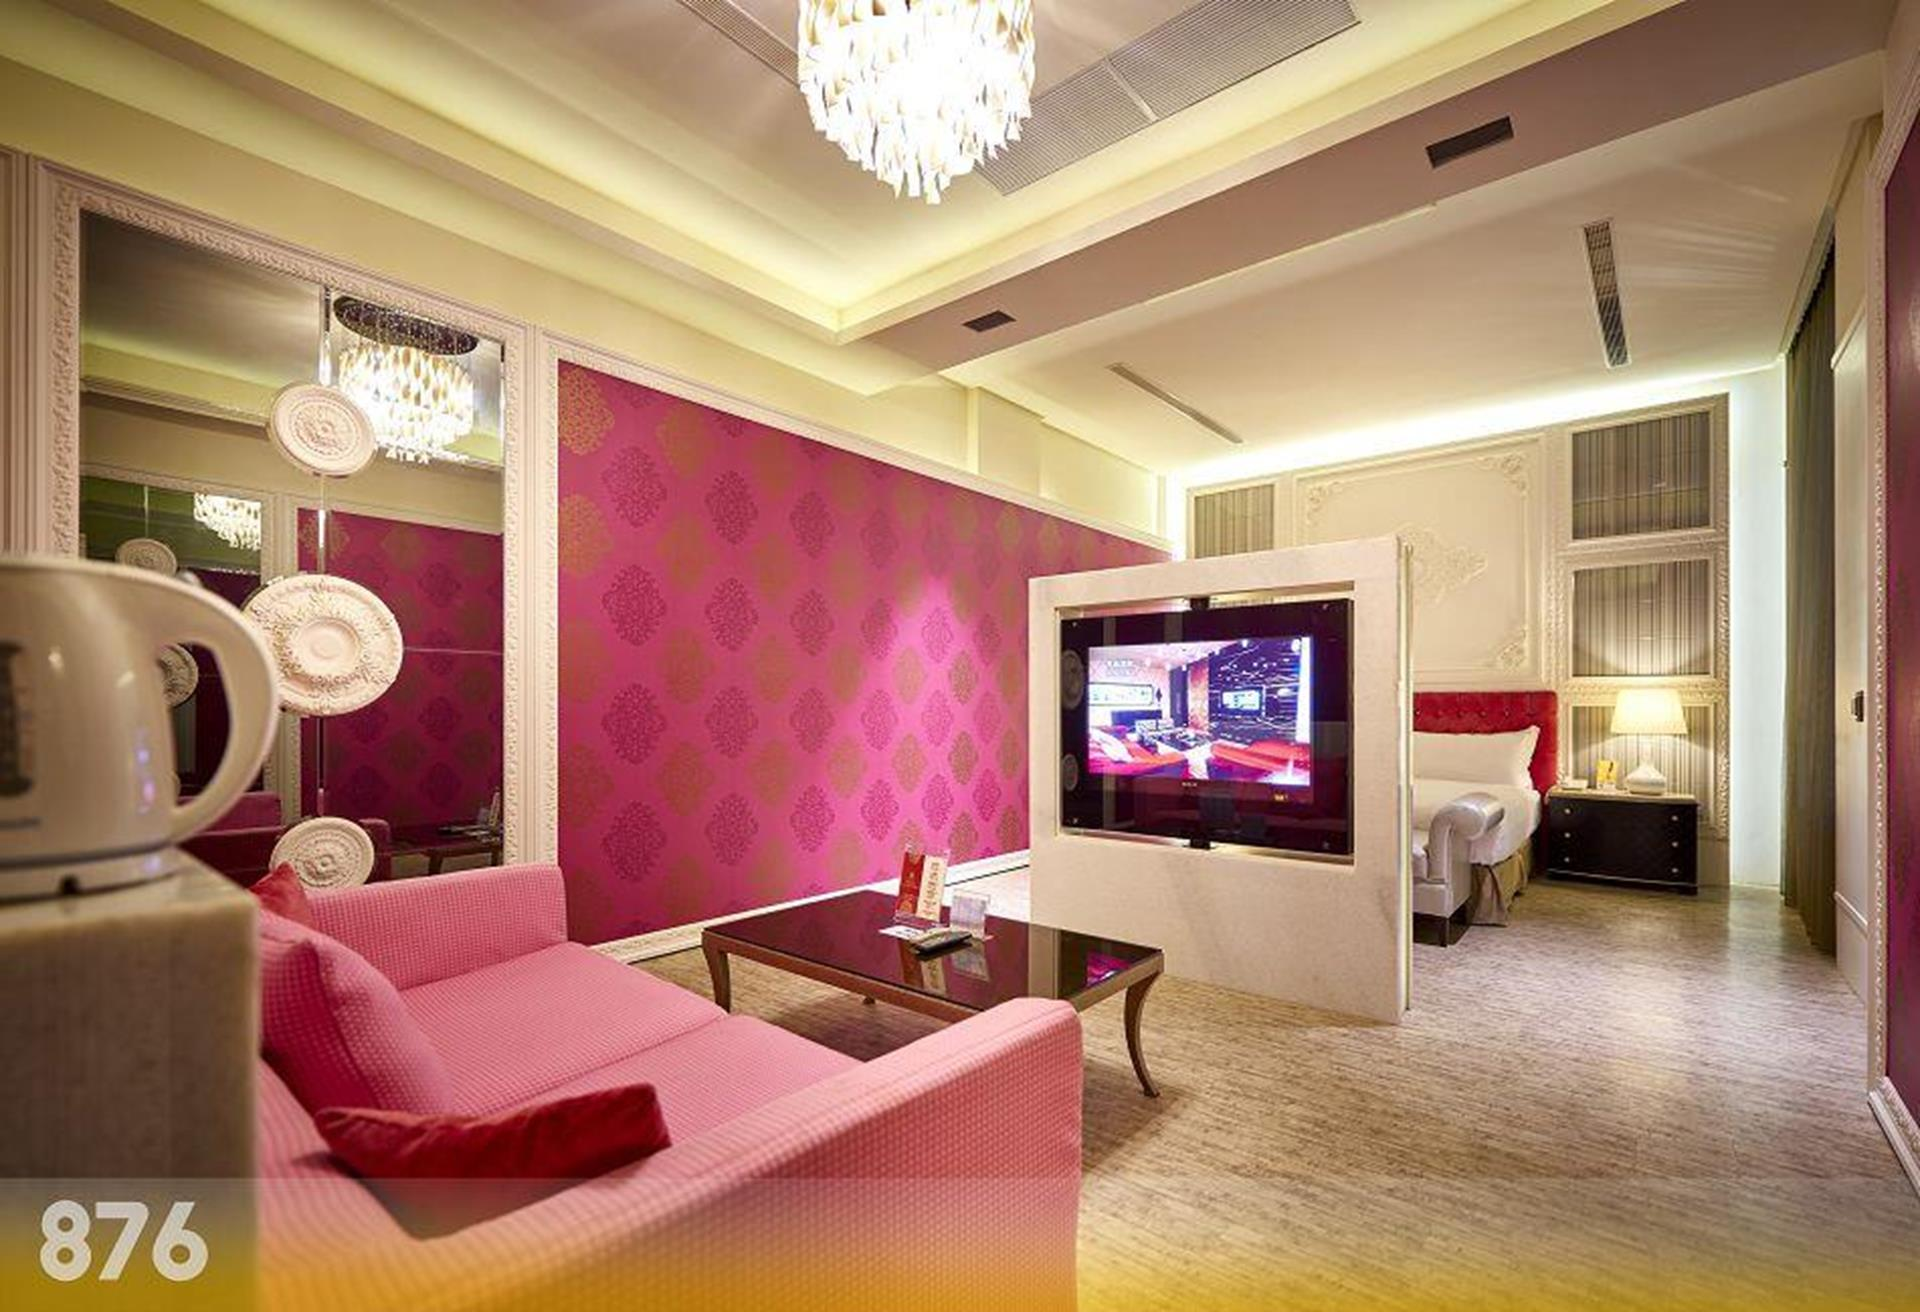 台南汽車旅館推薦 - 硯月精品汽車旅館的晶鑽套房